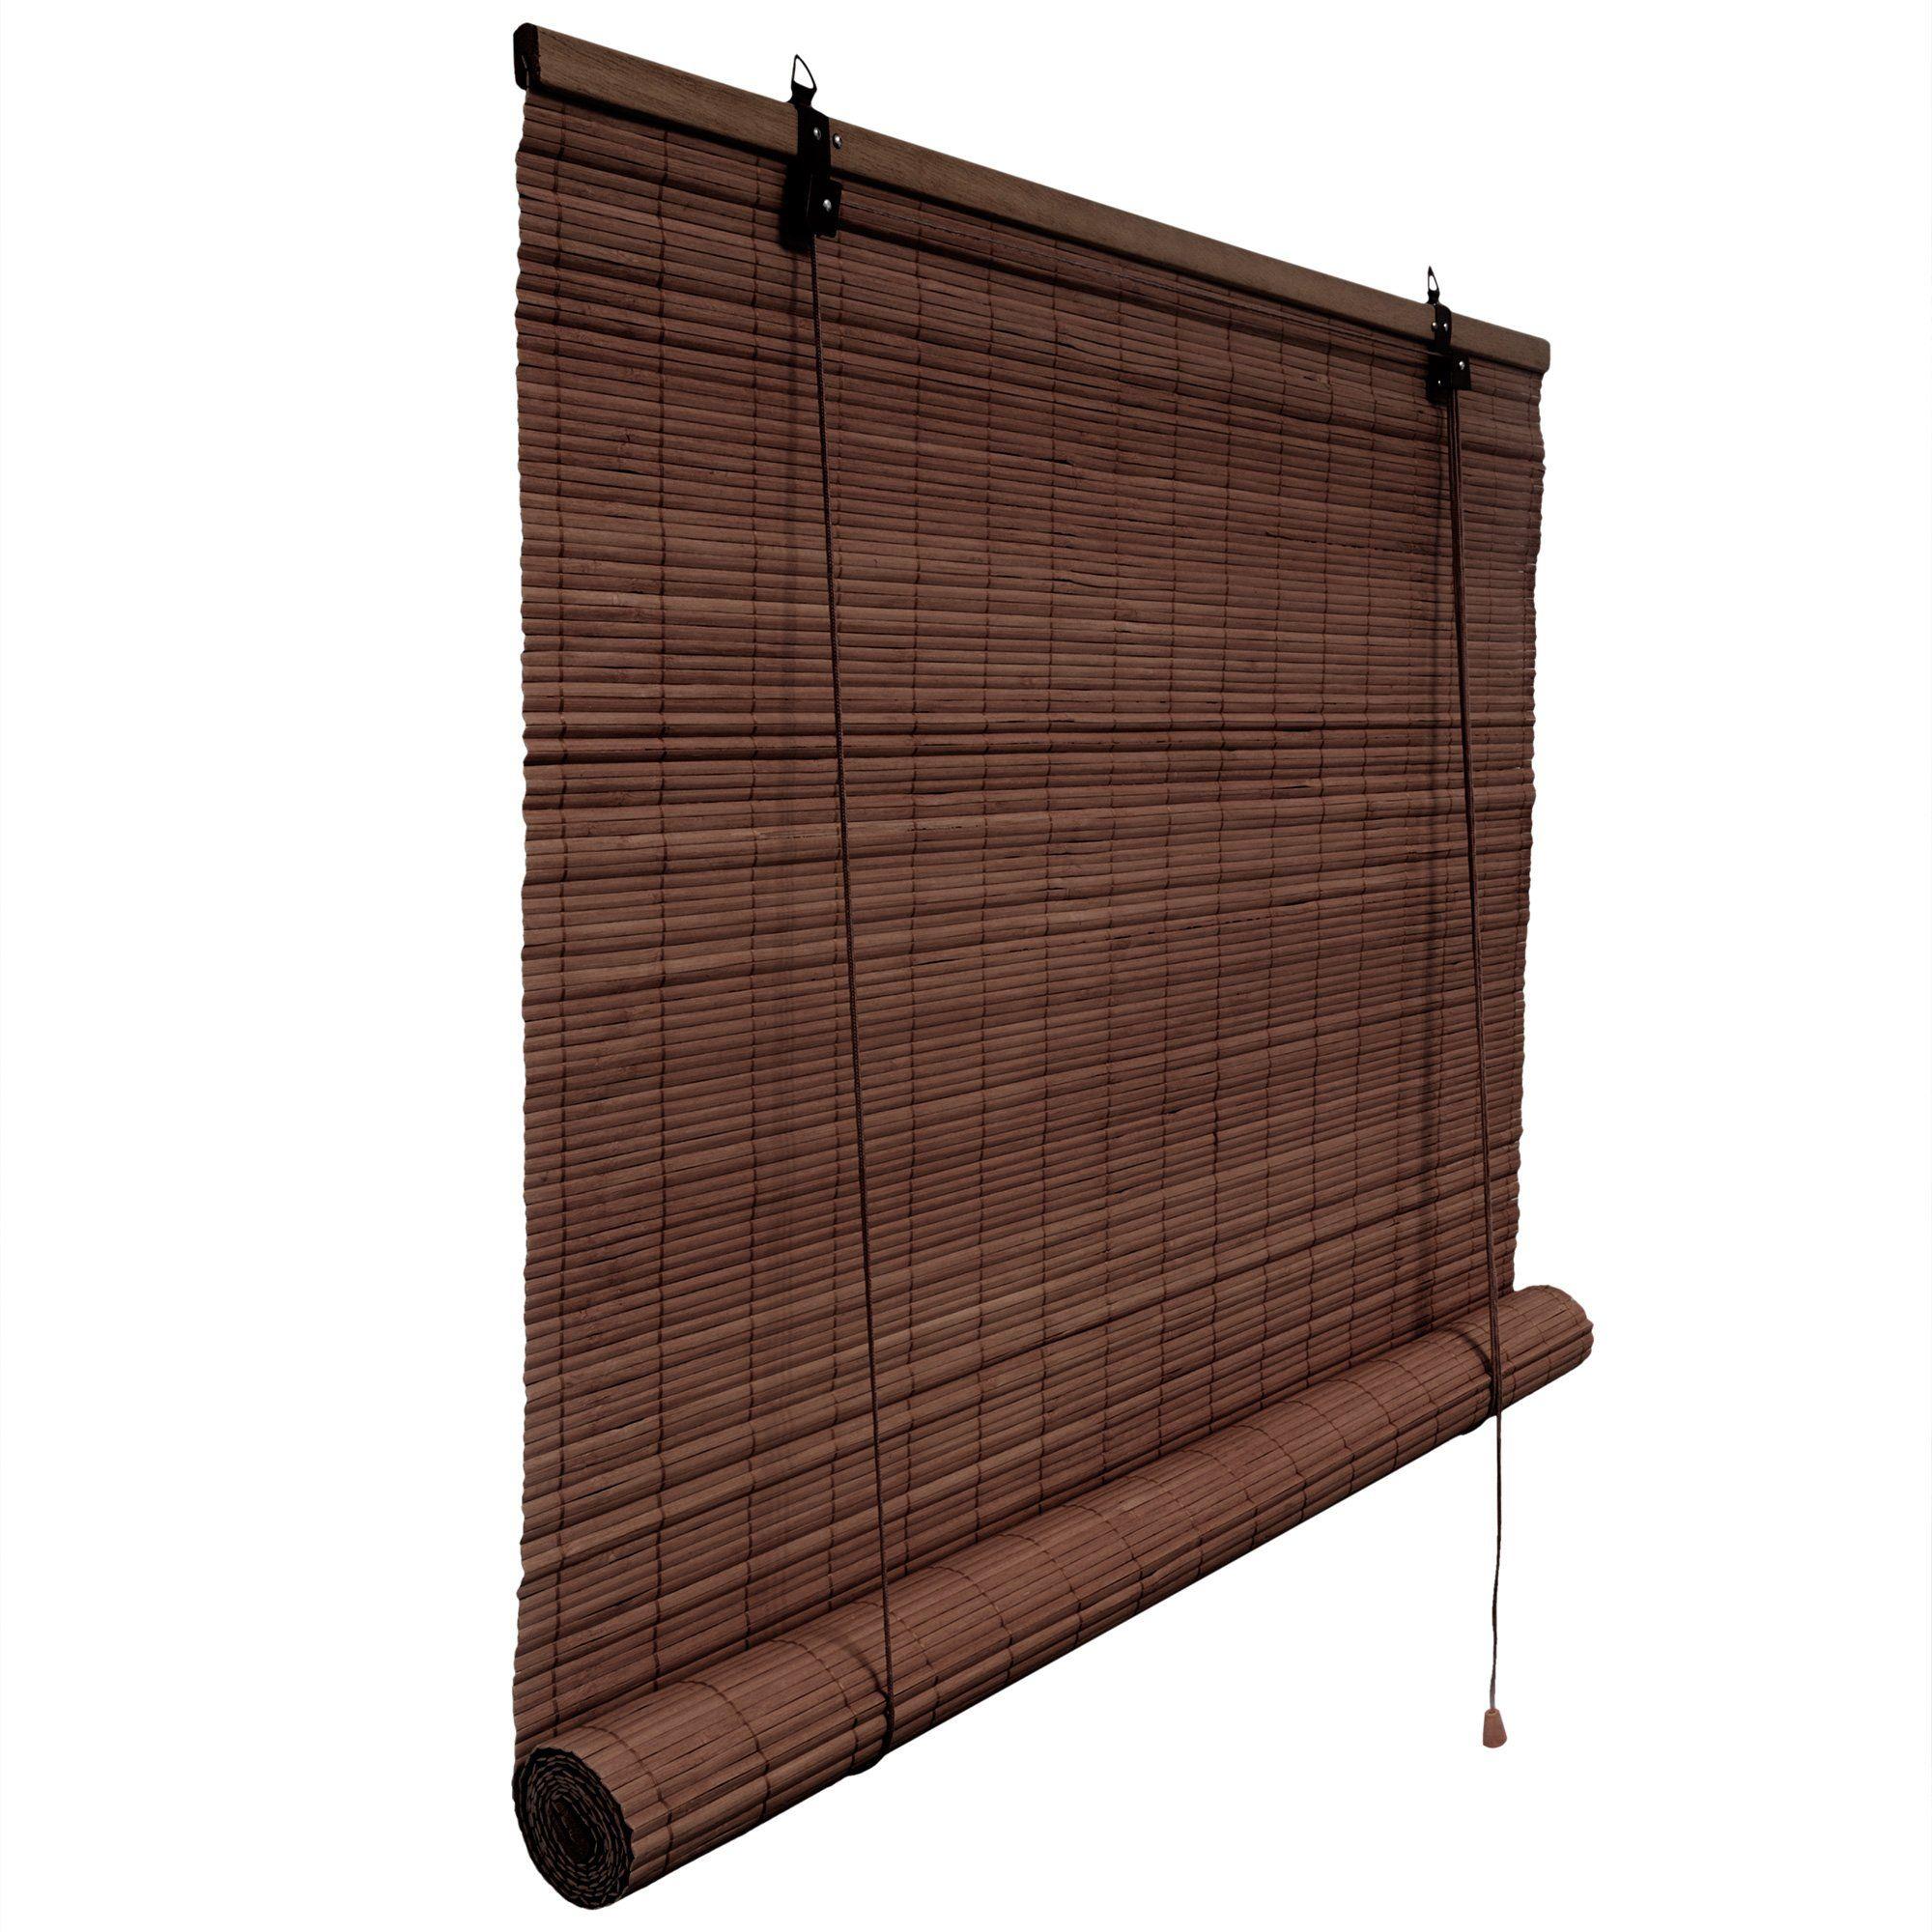 Bambusrollo 140 x 160 cm in dunkelbraun Fenster Sichtschutz